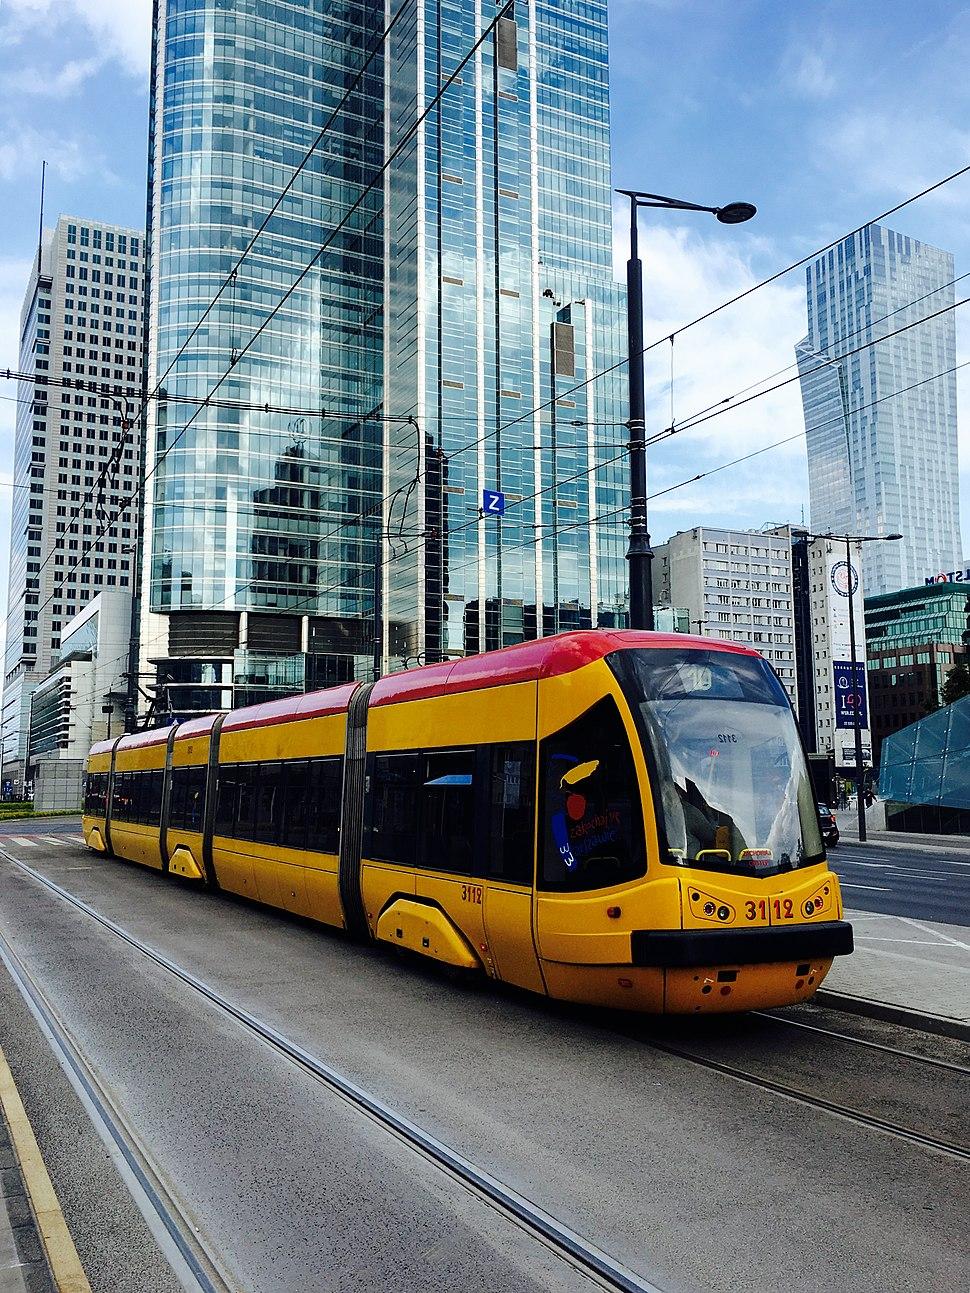 Tram in Warsaw